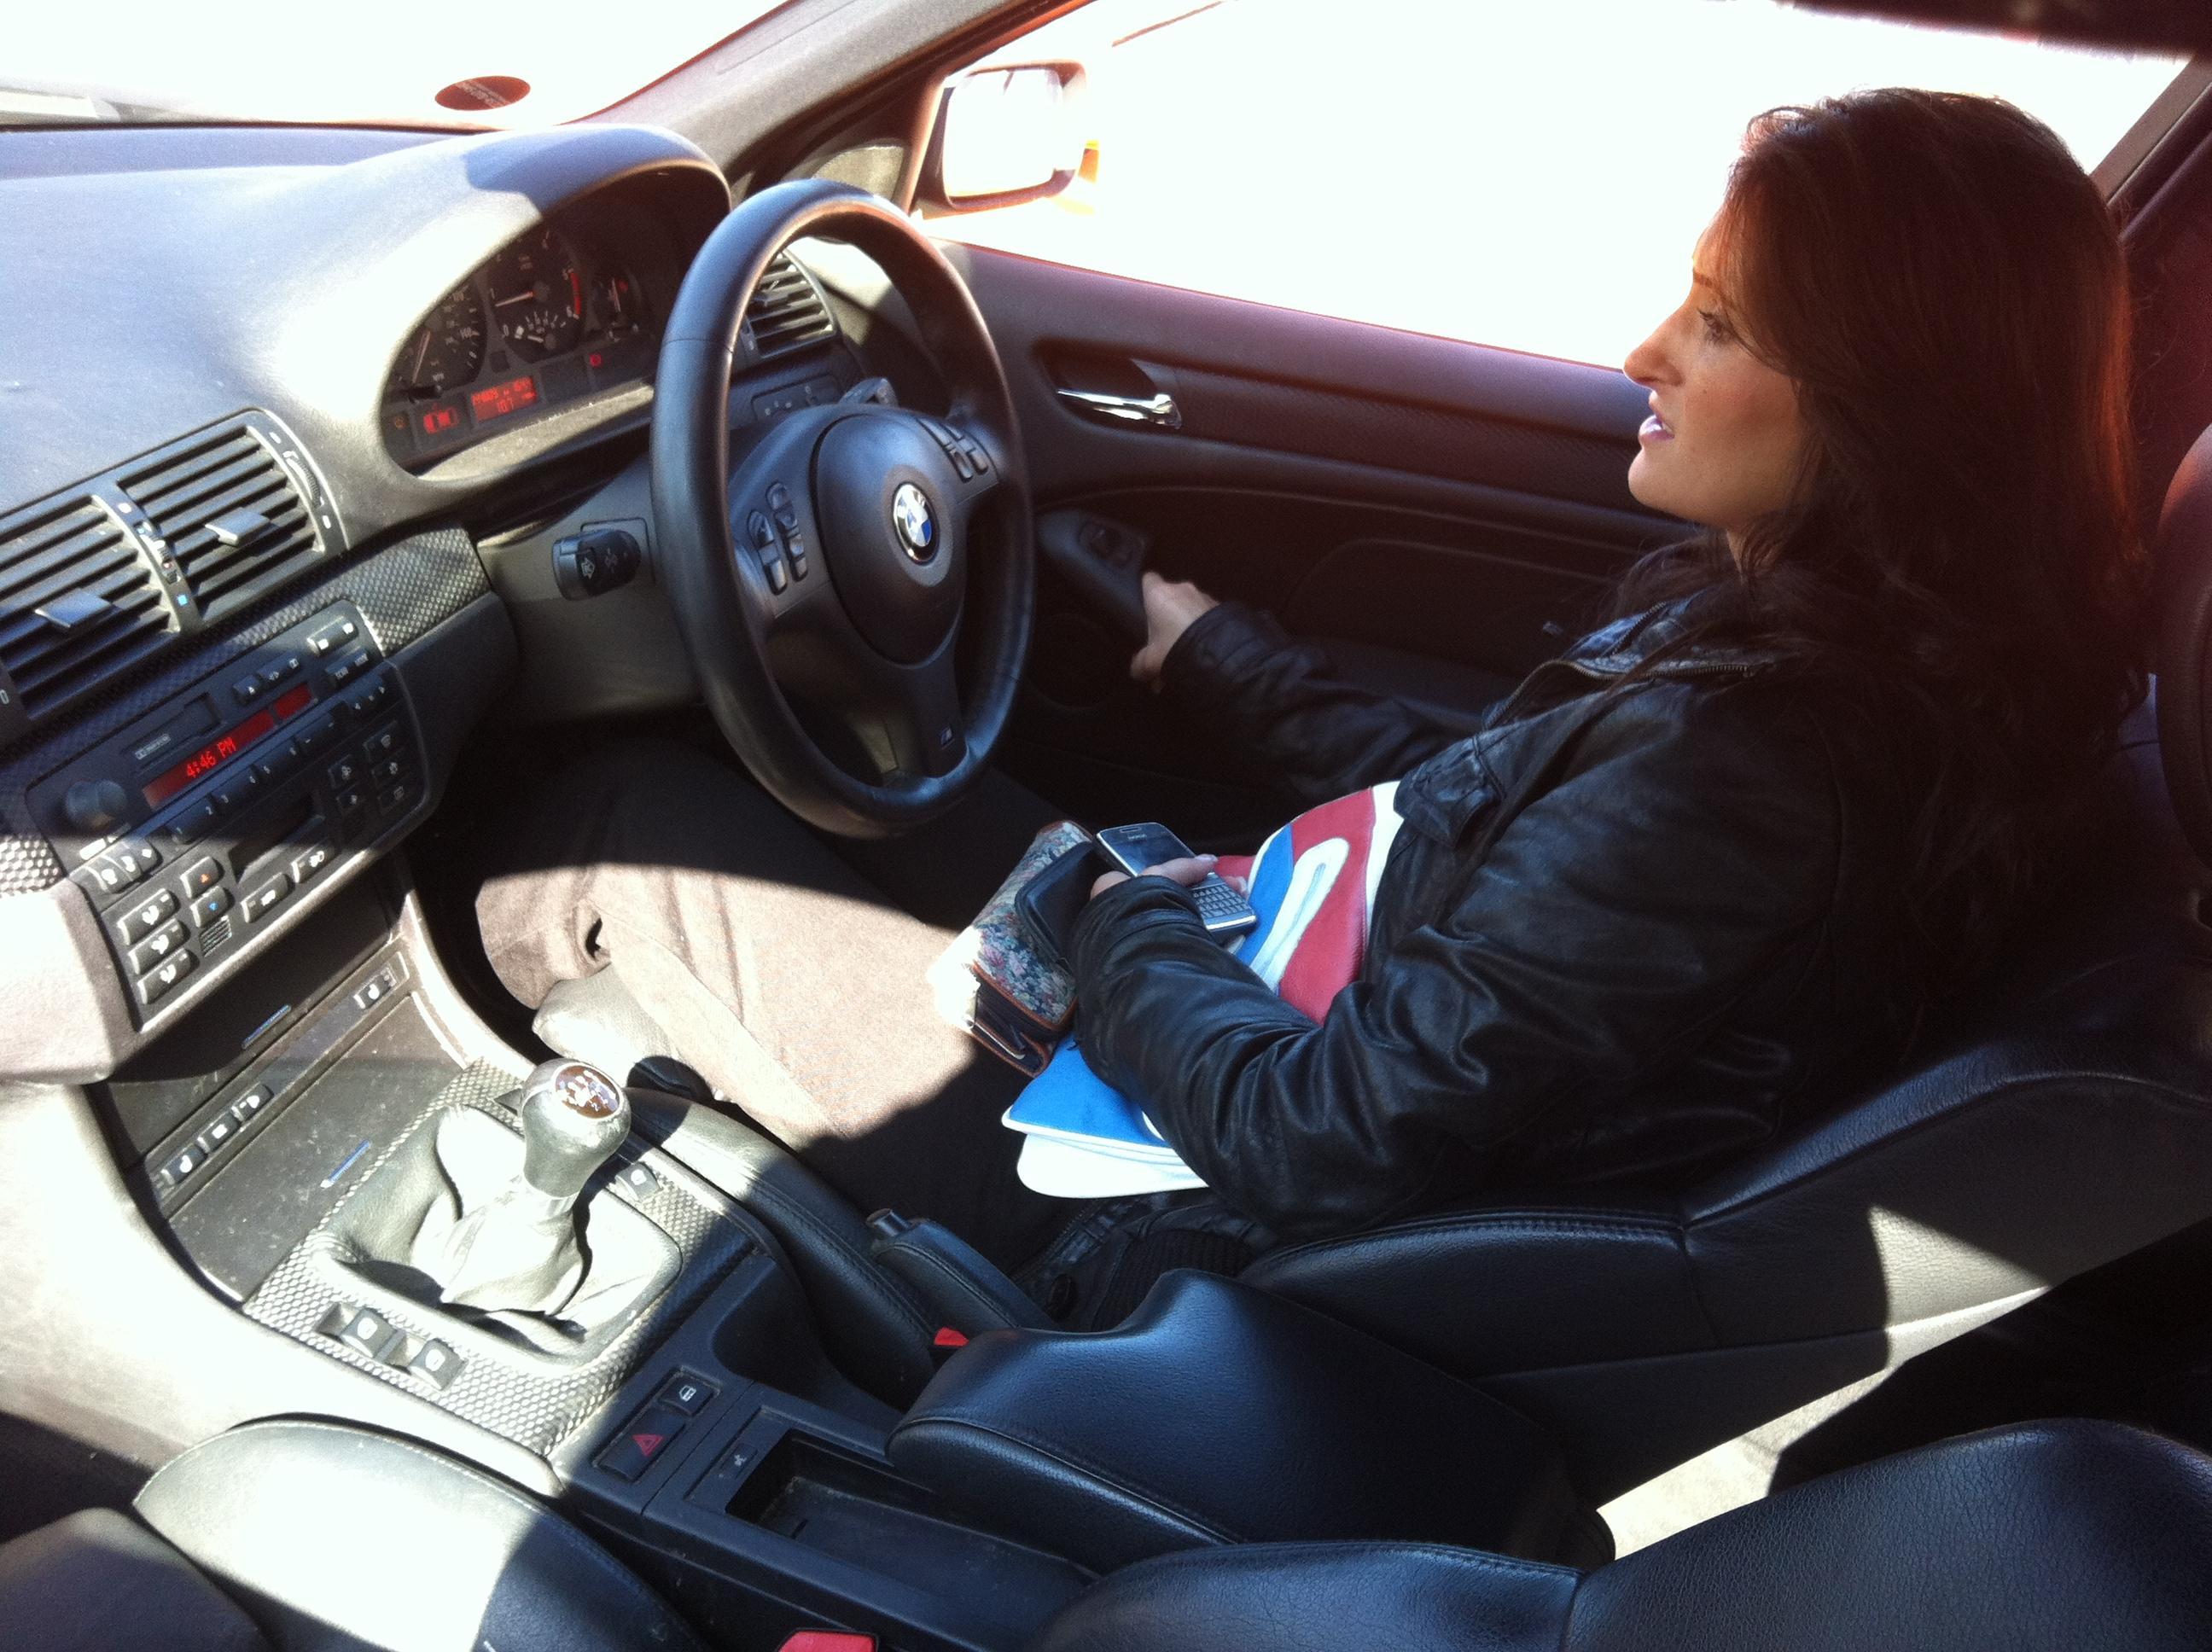 Dezmembrez BMW 330 2004 Benzina Berlina - 26 Martie 2013 - Poza 2